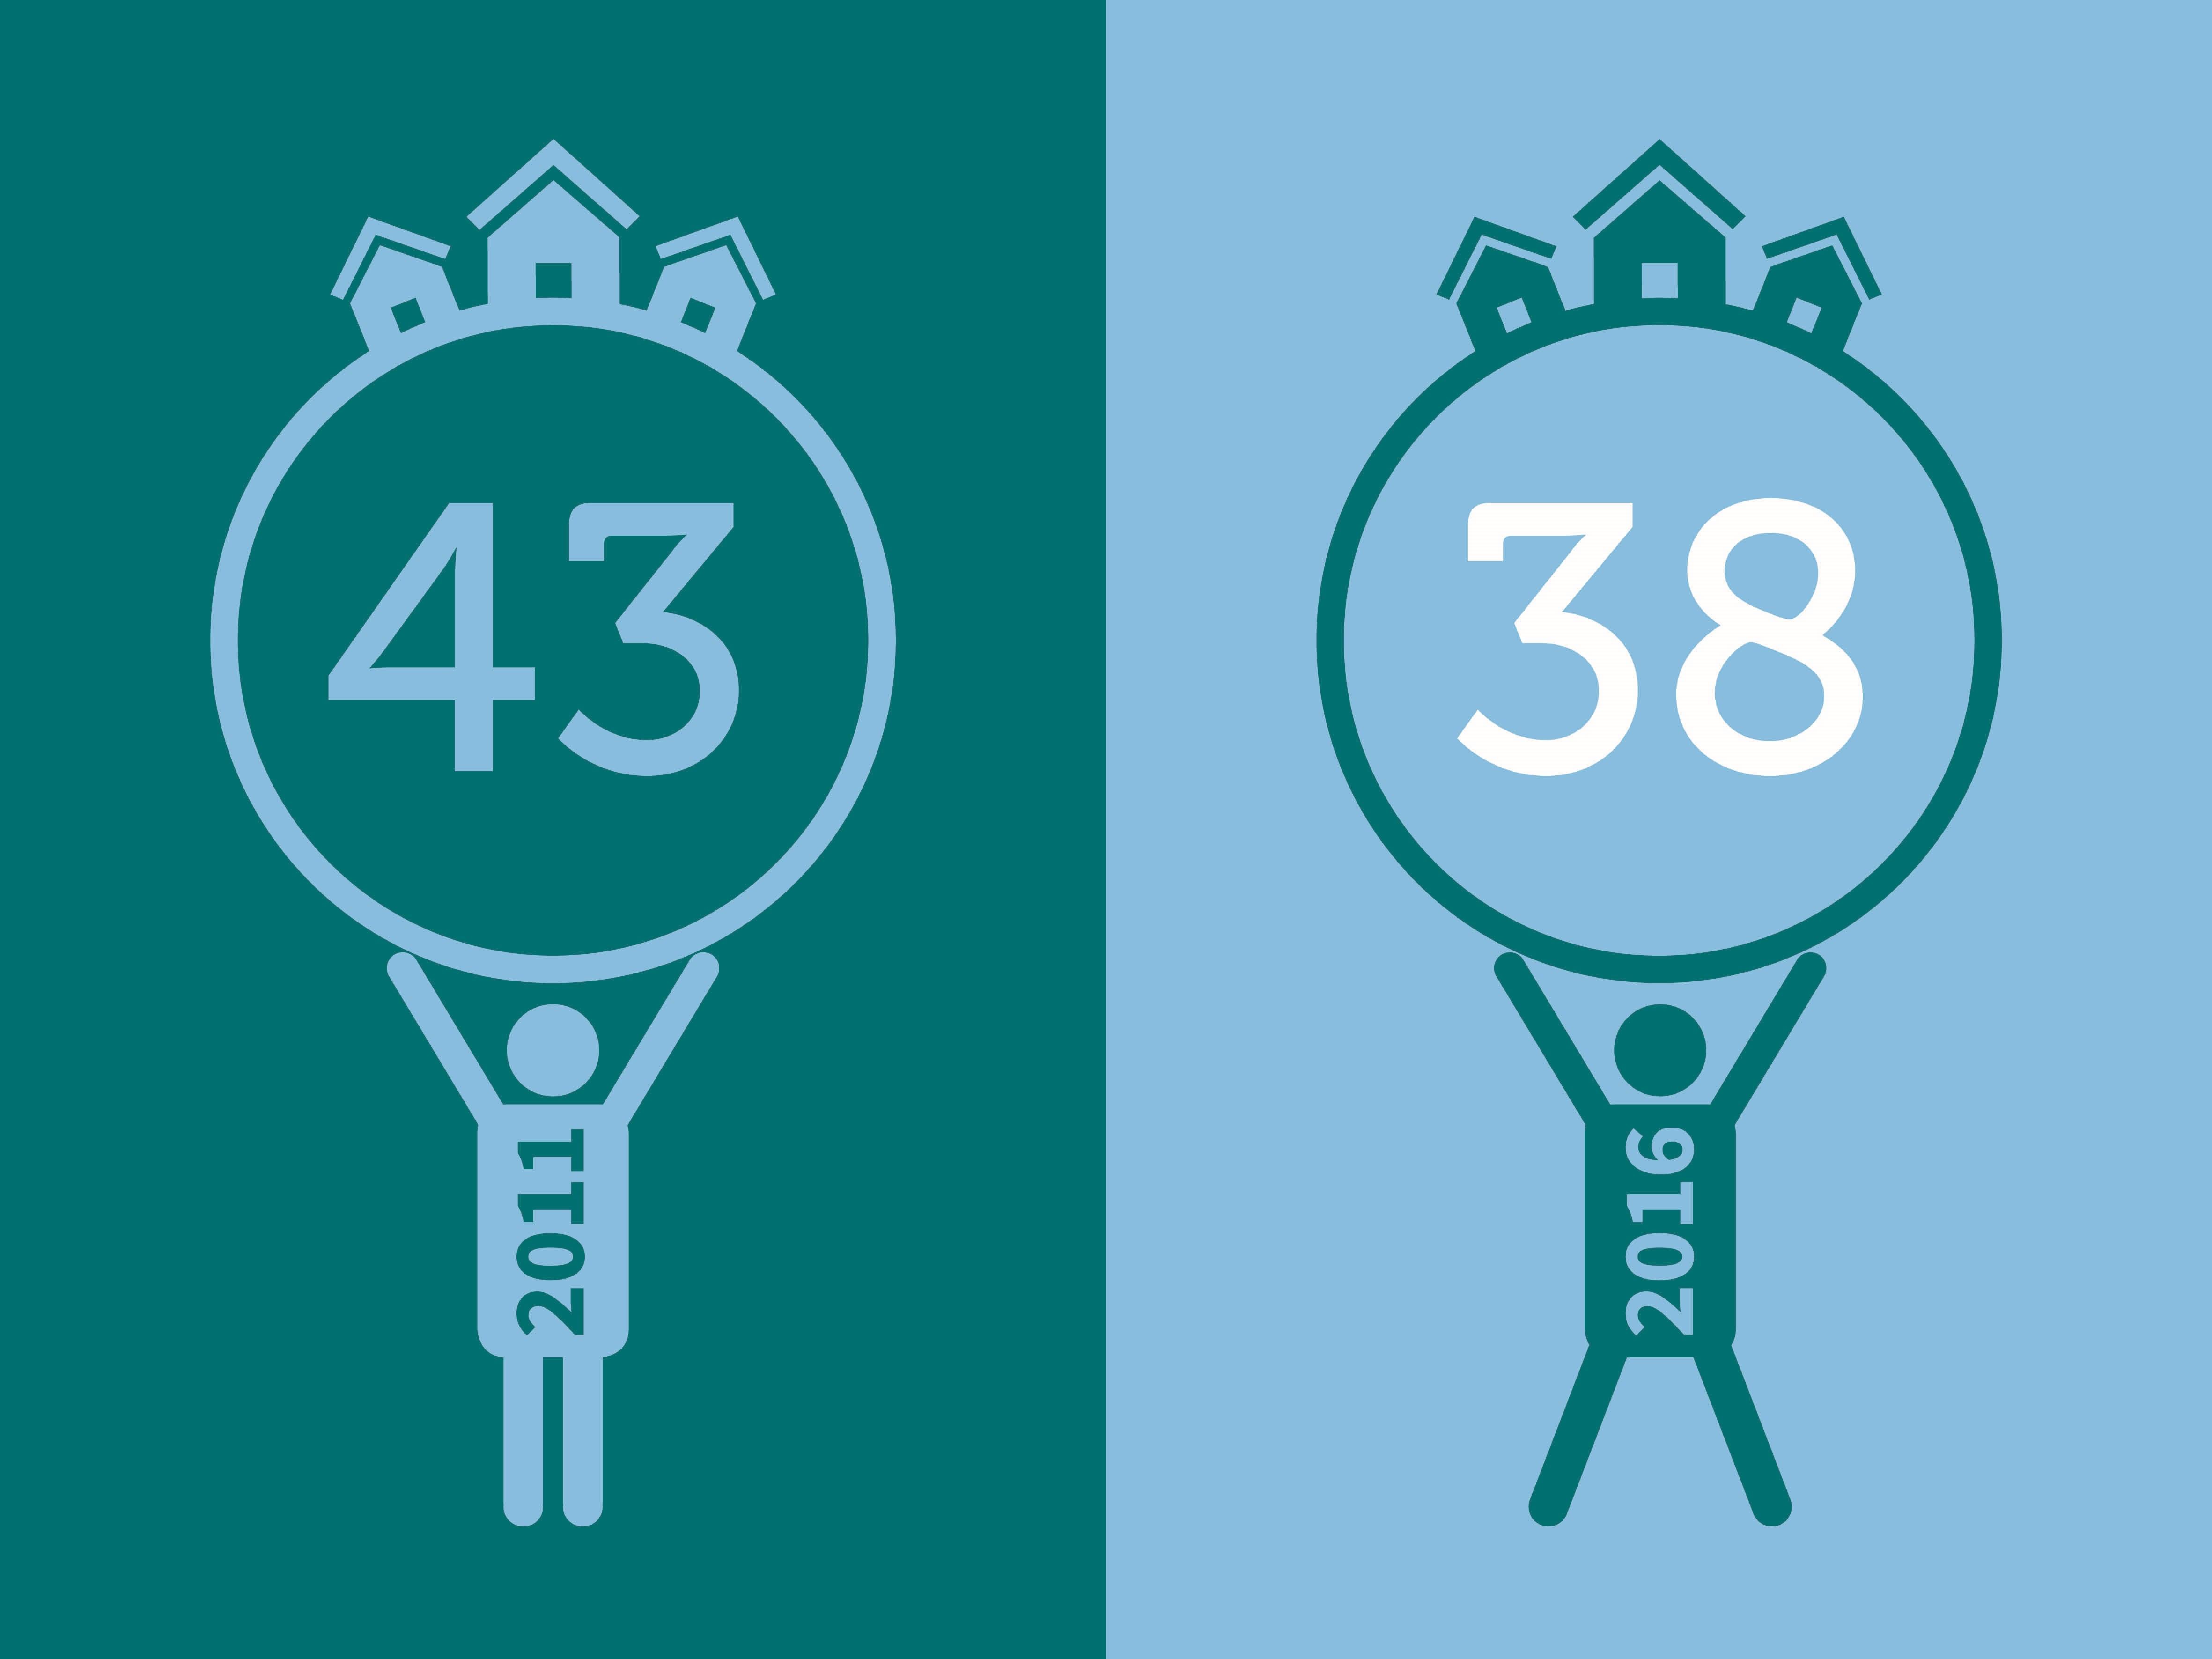 Durchschnittliches Alter von Bauherren im Vergleich